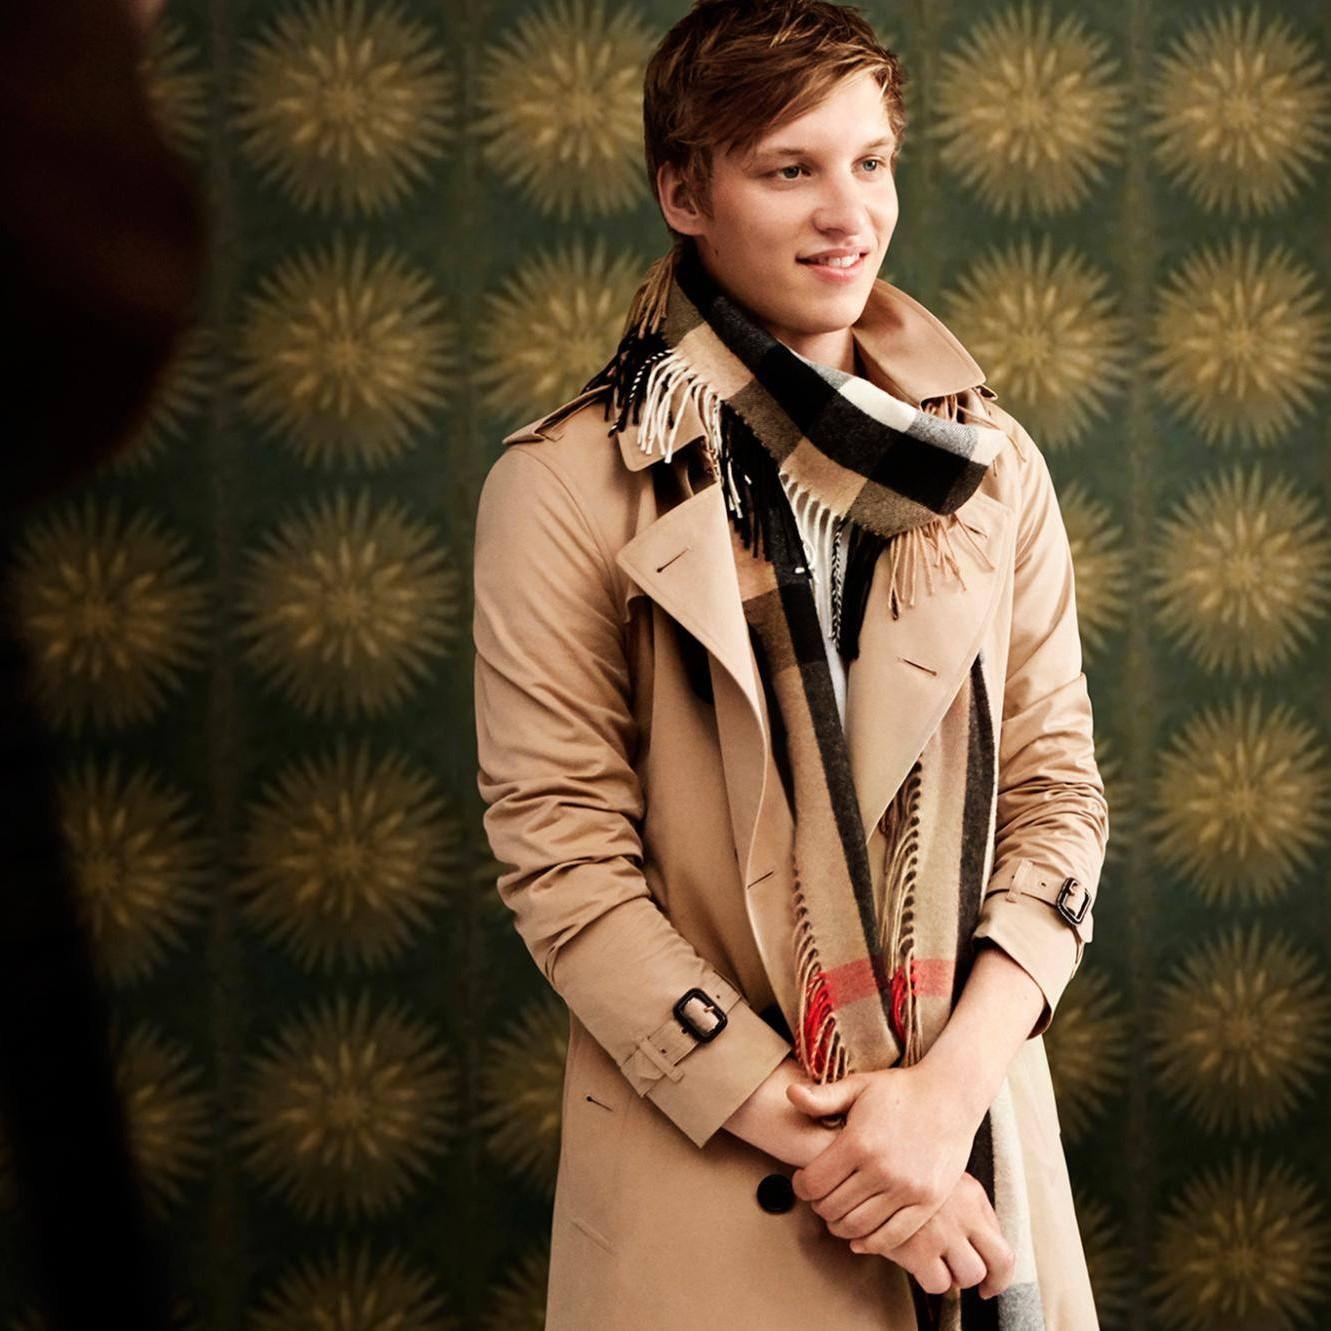 メンズコート人気おすすめブランド12選。冬に大人の格式を。|SmartlogSmartlog20代・30代向けに、ビジネスはもちろんカジュアルにも着こなせる、人気のおすすめ